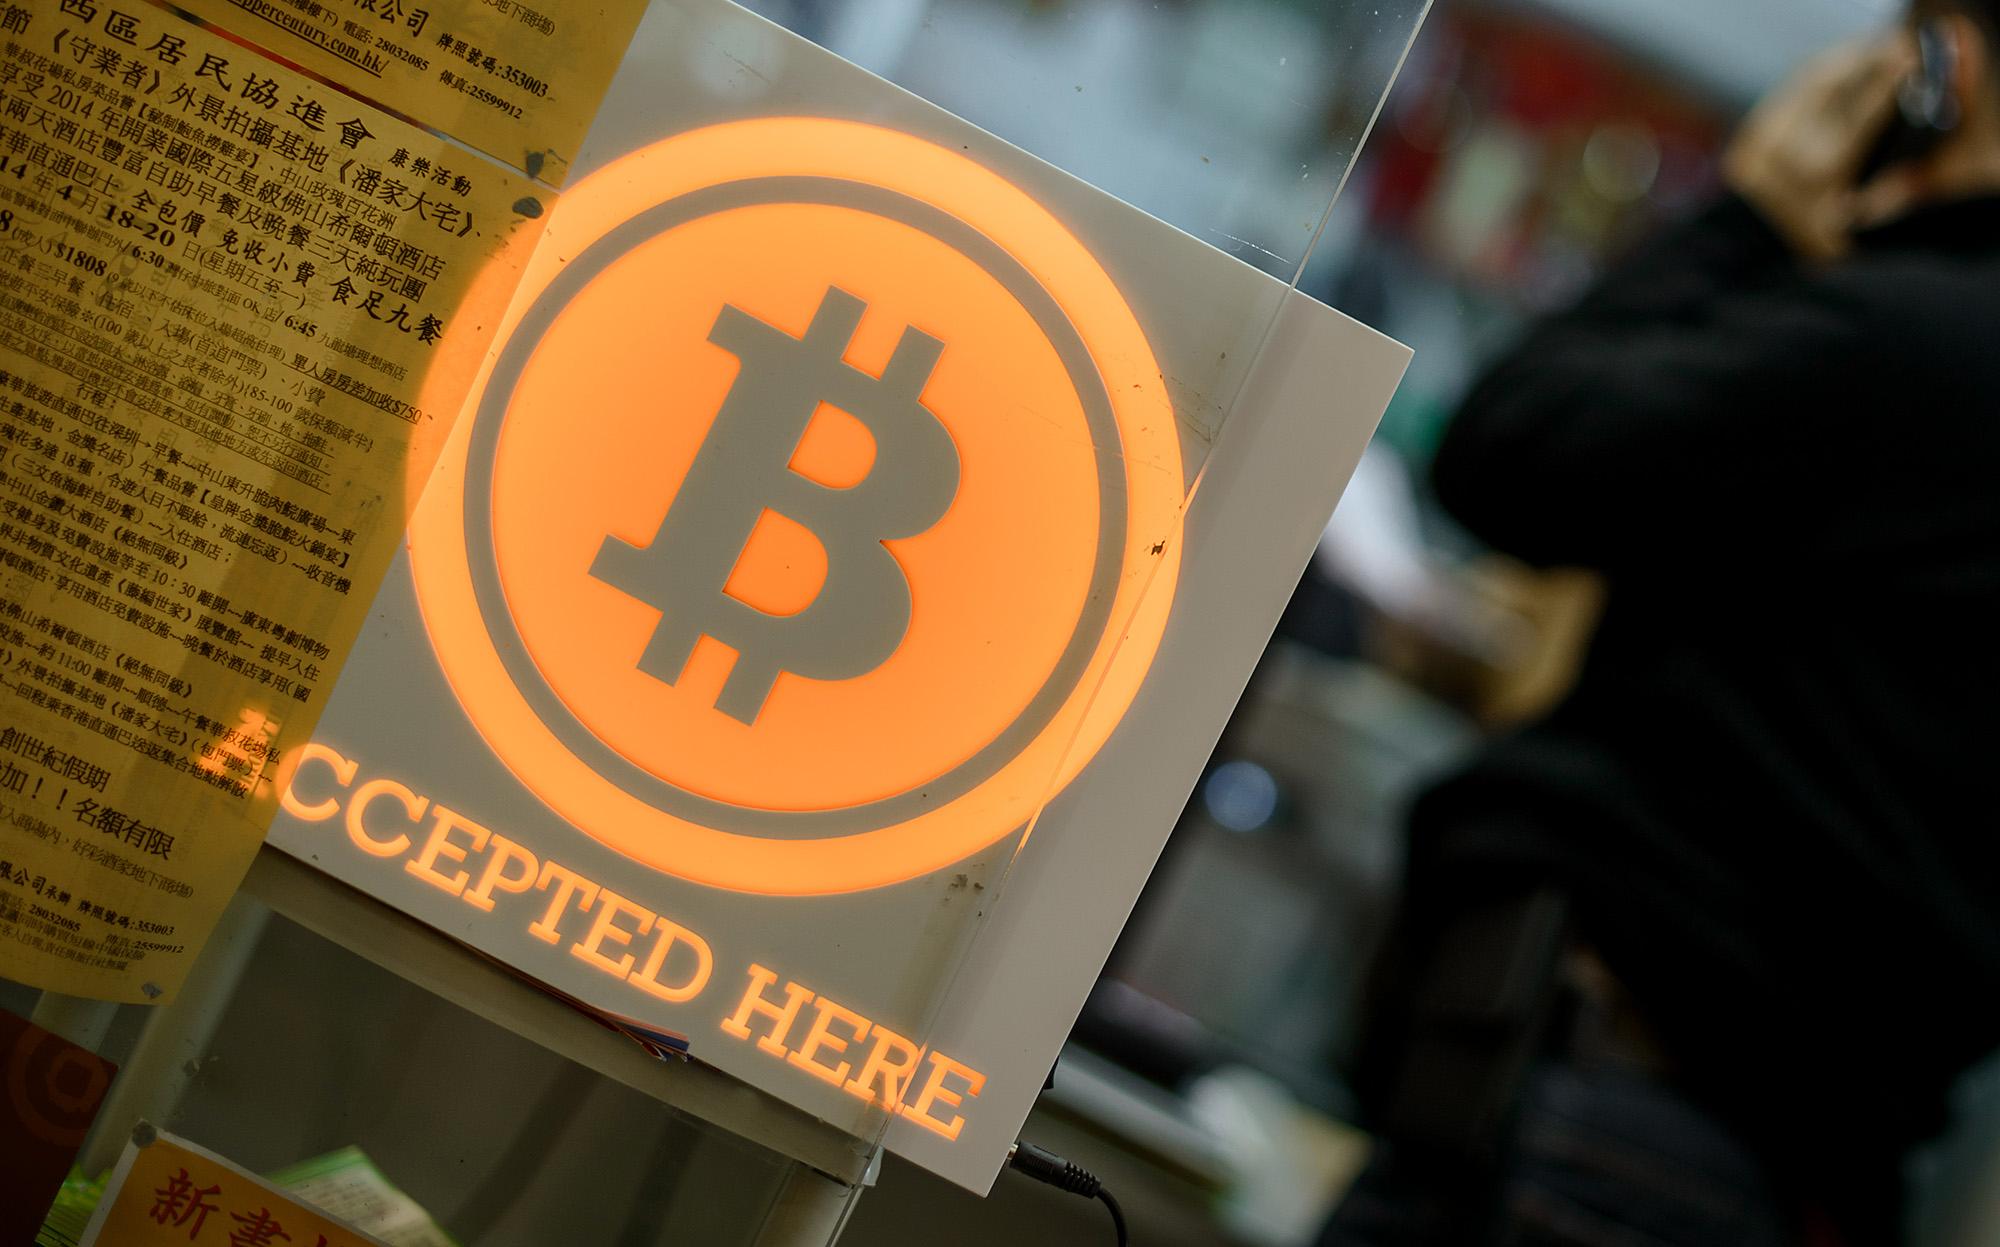 A Bitcoin shop in Hong Kong.